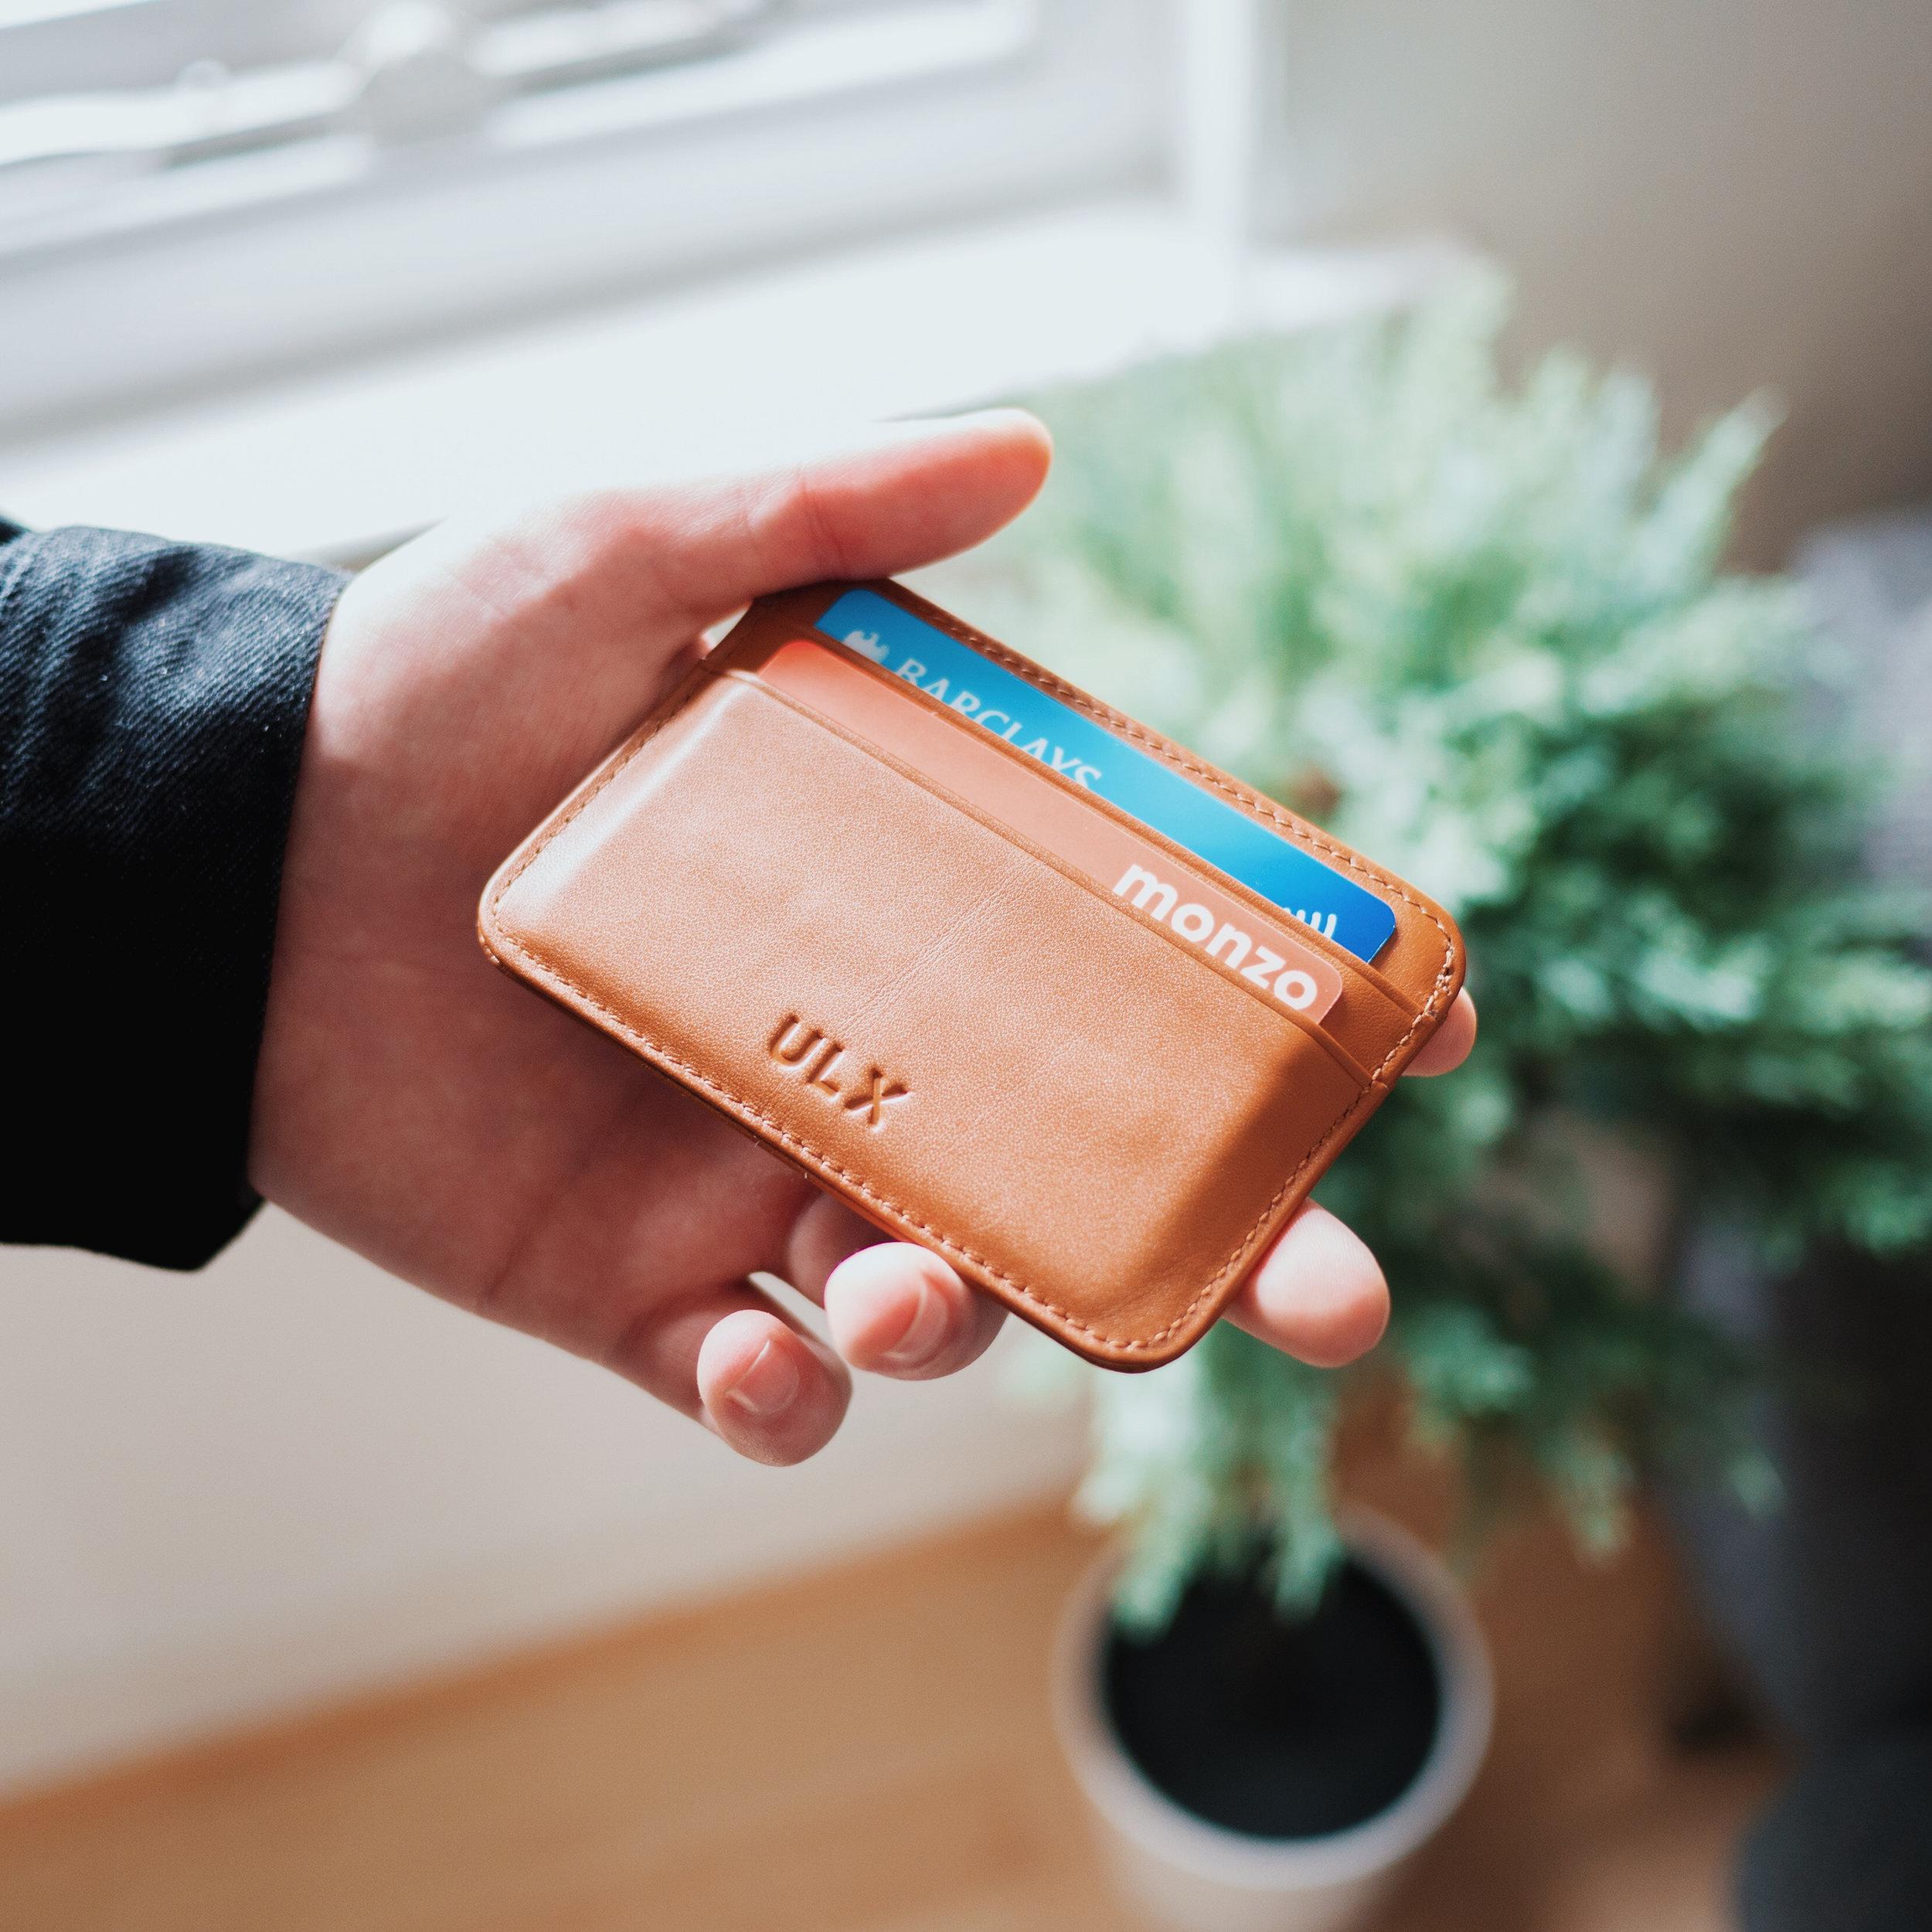 Tarjetas de Crédito - Nunca entregues tu tarjeta de crédito para pagar algo y permitas que el mesero se la lleve. Es responsabilidad del mesero/restaurante traer la estación de cobro a donde ti o cobrar en tu presencia. No cumplir con este paso es la principal causa de las Tarjetas de Crédito clonadas. ¡Tener una tarjeta de crédito clonada mientras estás de viaje puede ser tu peor pesadilla!